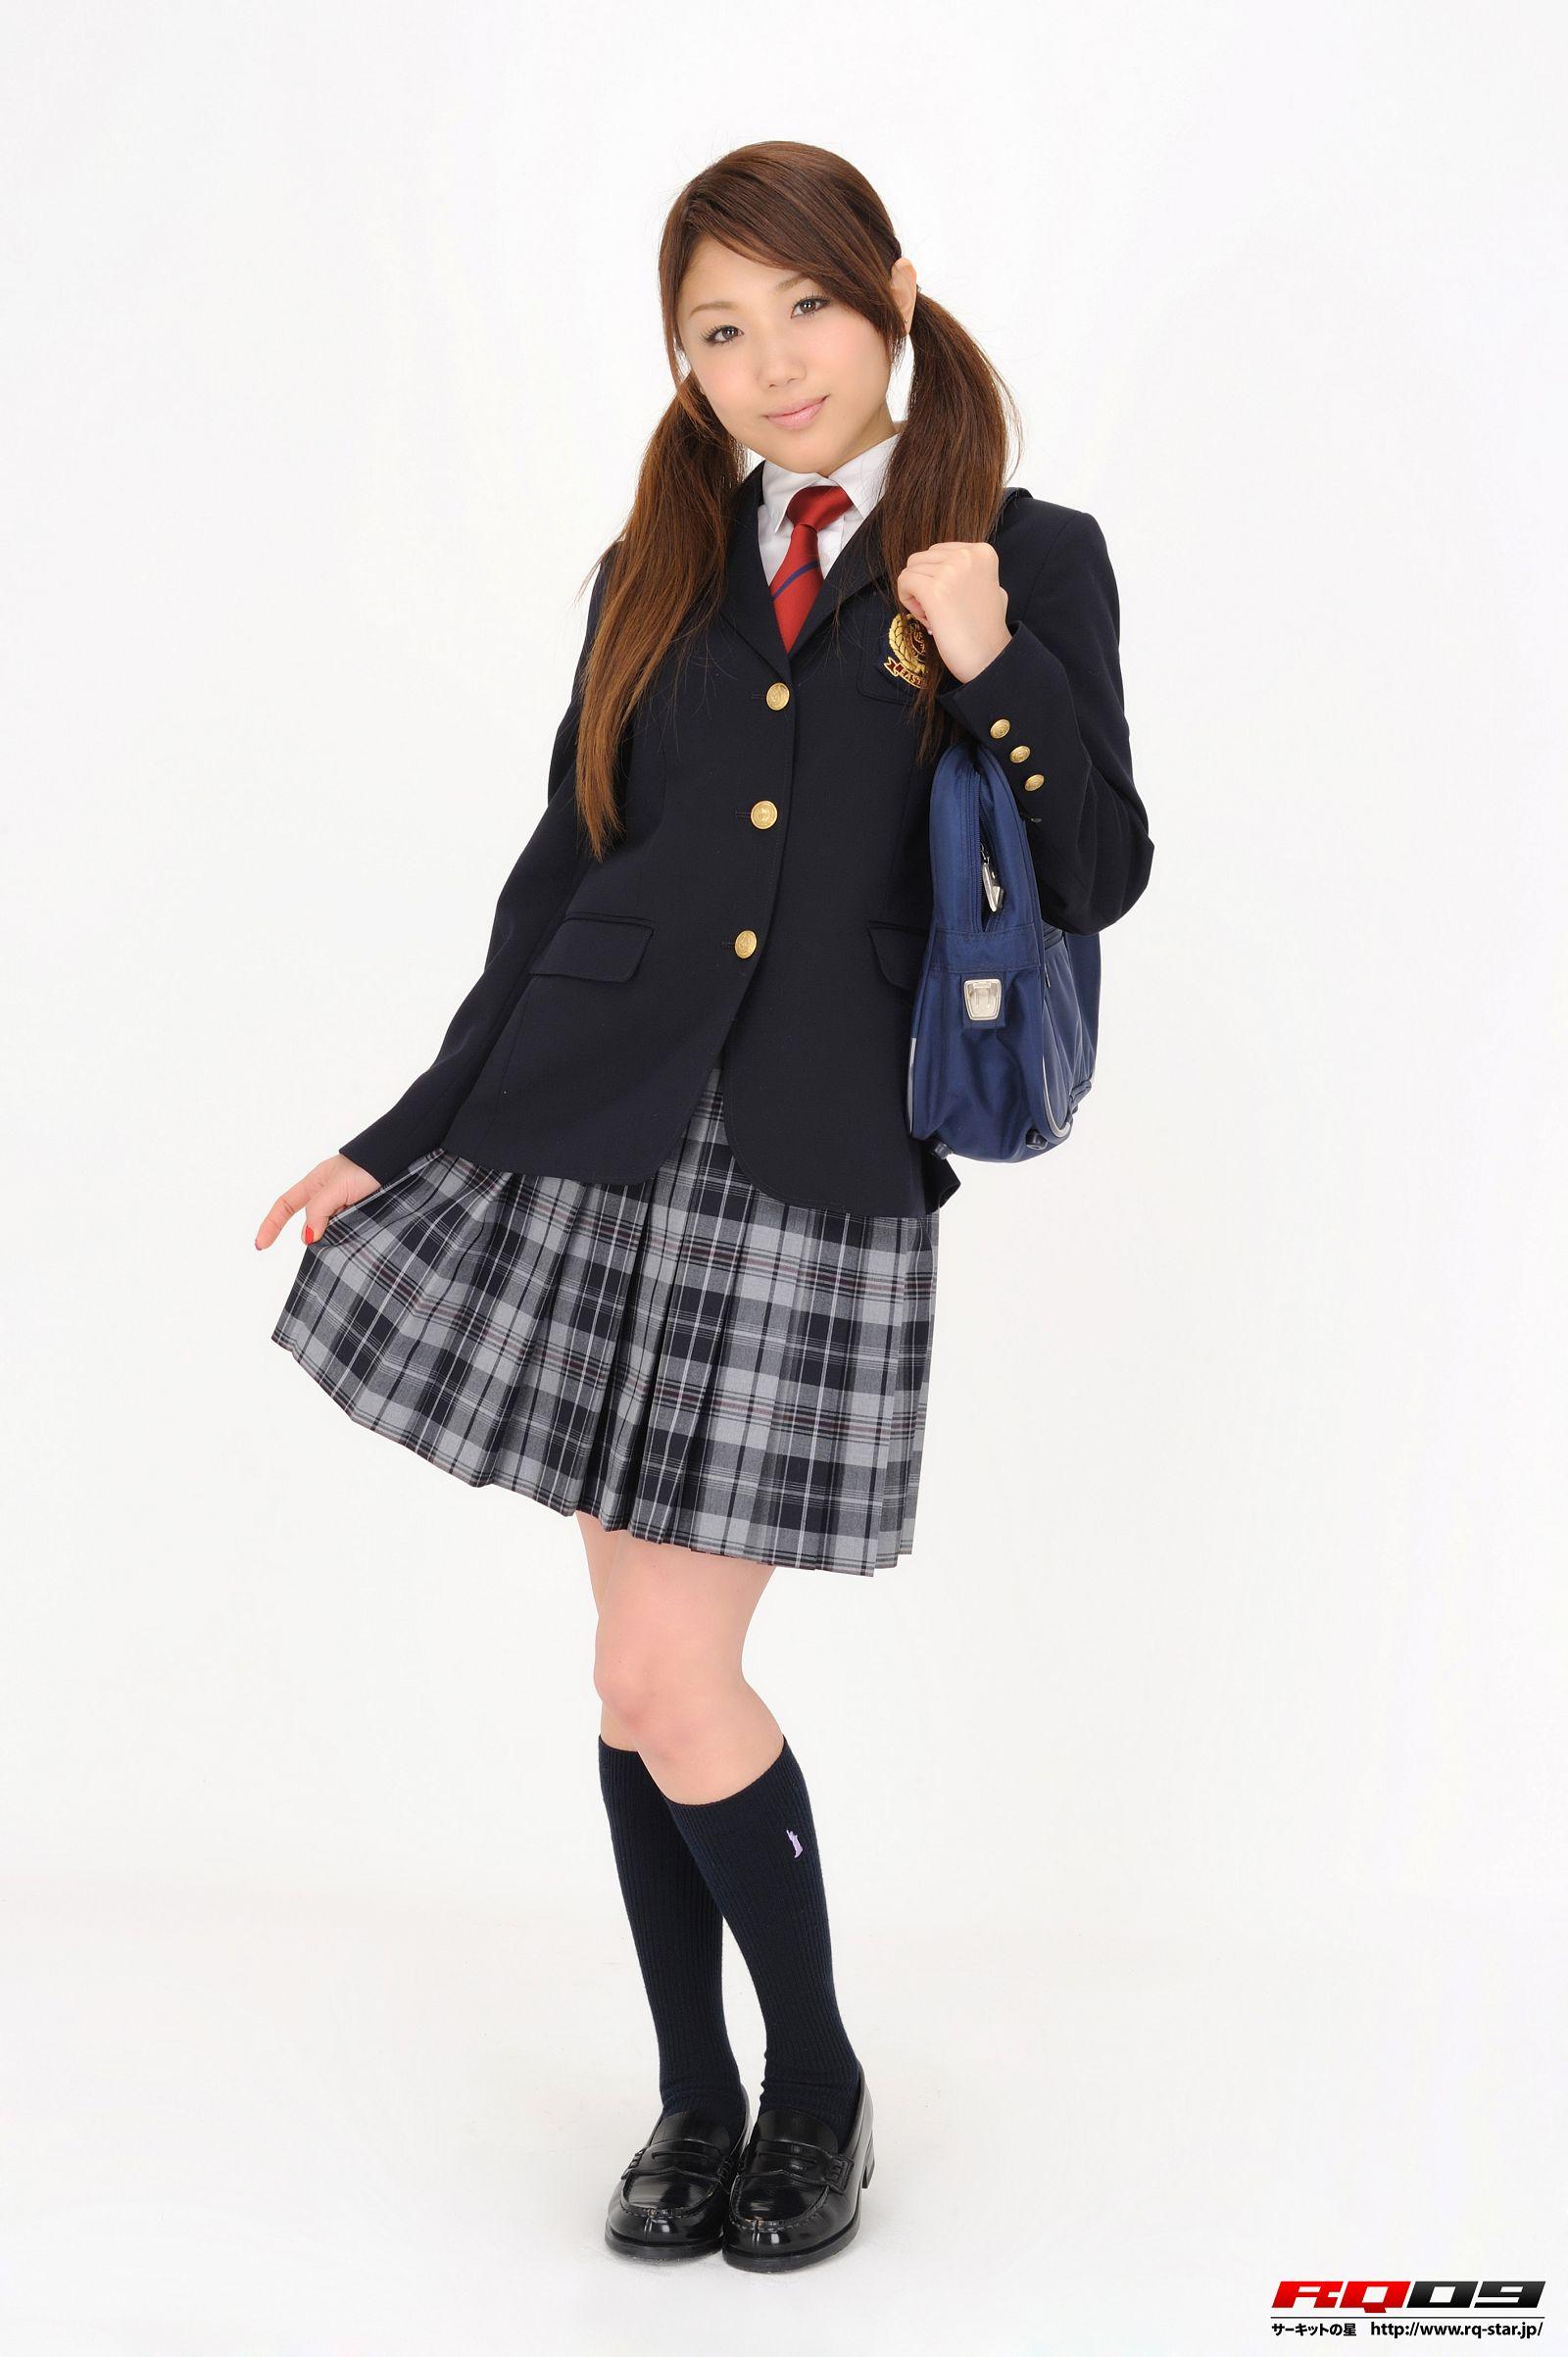 [RQ STAR美女] NO.0252 Arisa Kimura 木村亜梨沙 School Uniforms[115P] RQ STAR 第1张